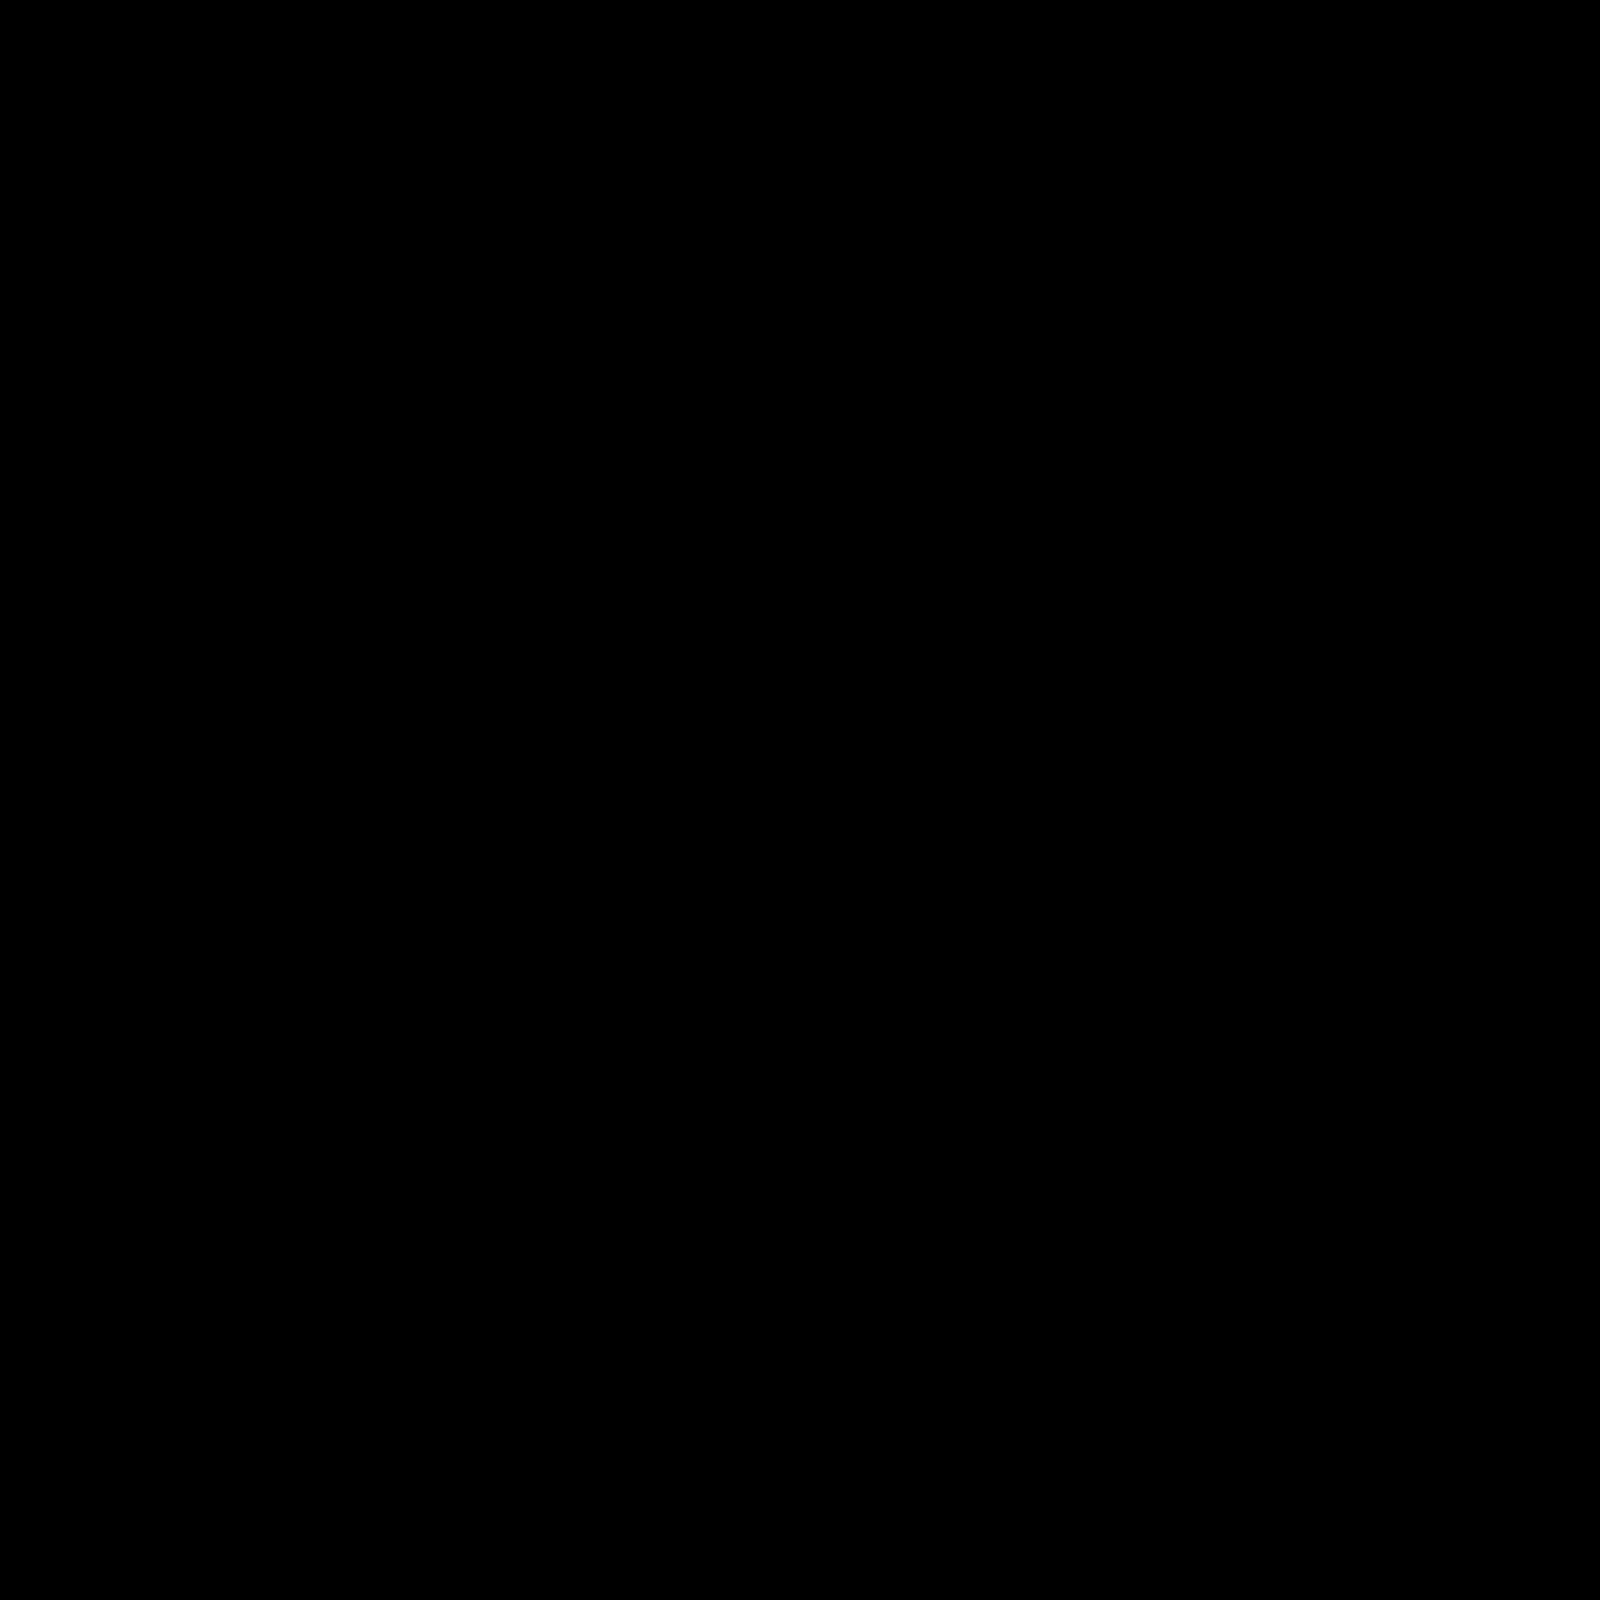 Холст бизнес-модели icon